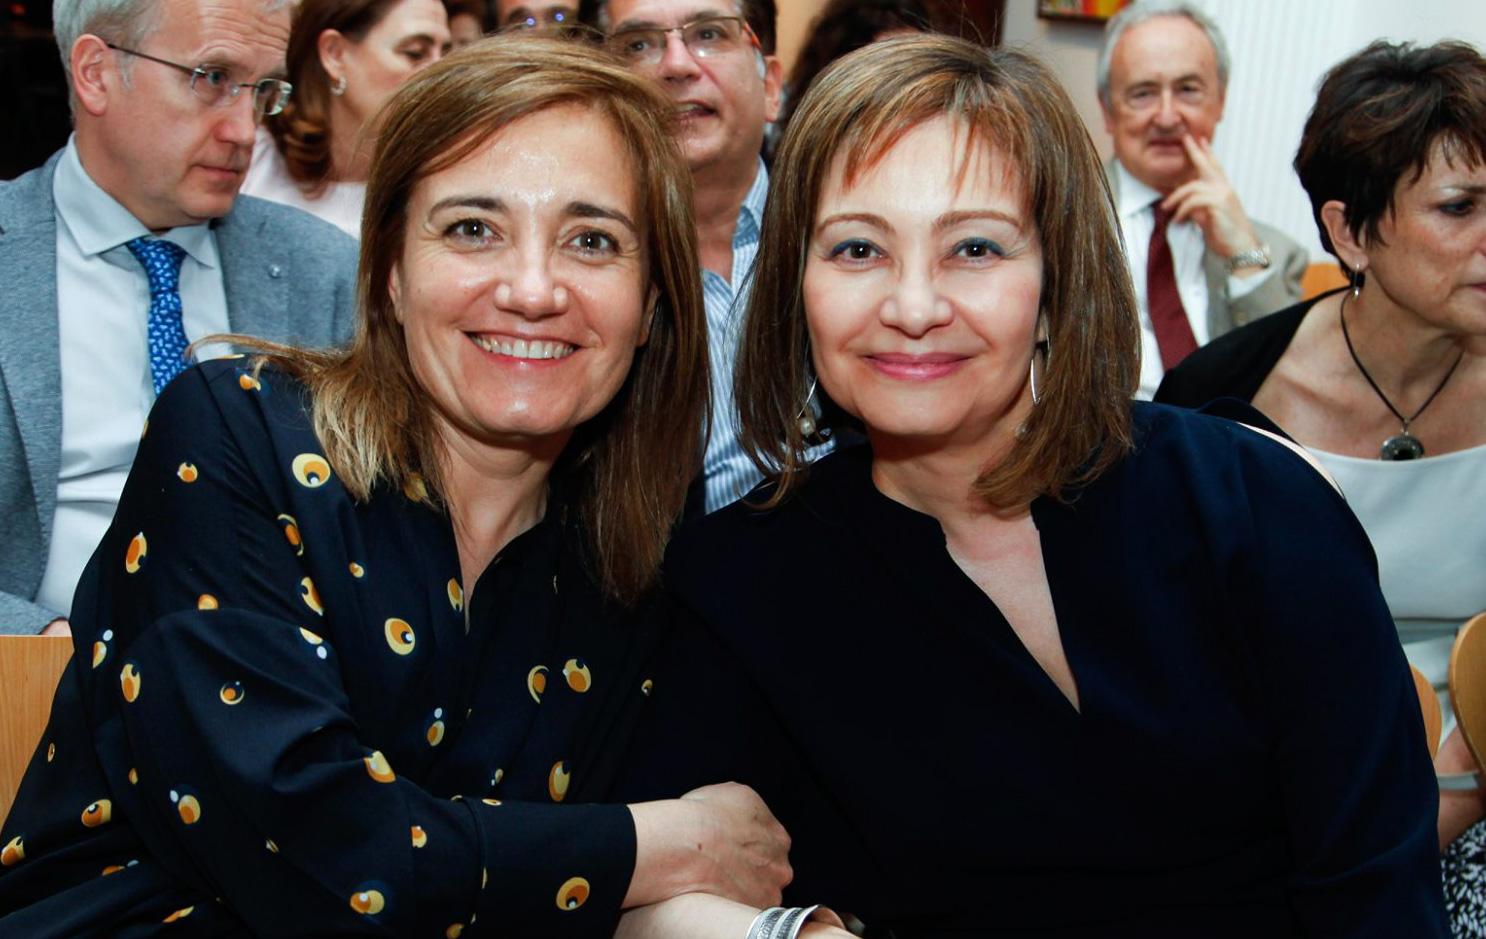 Ana Pérez Domínguez junto a Inmaculada Ramos, vicepresidenta de Asomega, durante el acto con el que se conmemoró el XXV Aniversario de la Asociación.